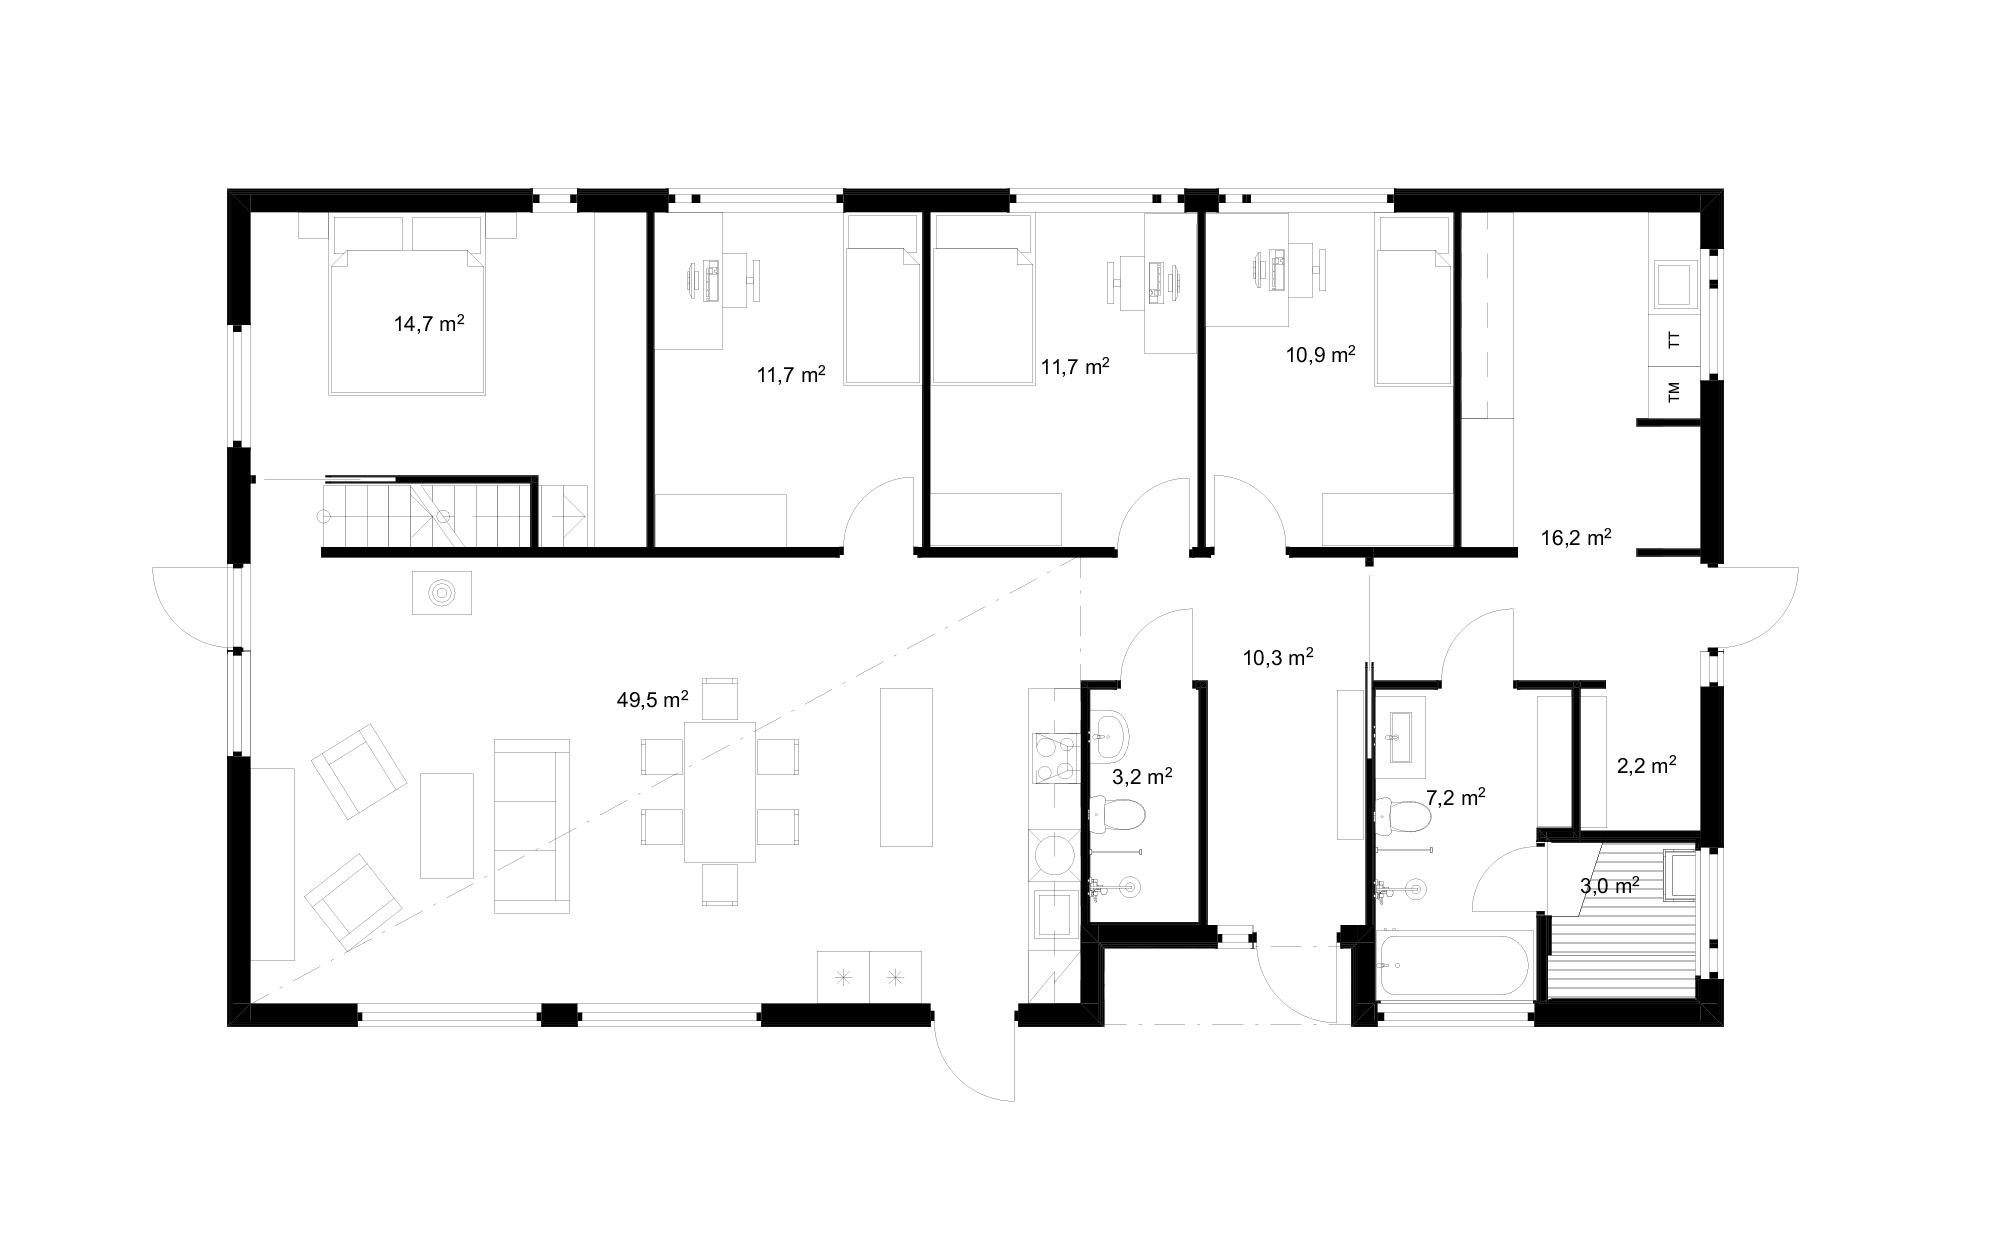 villa-2-planritning-floor-1